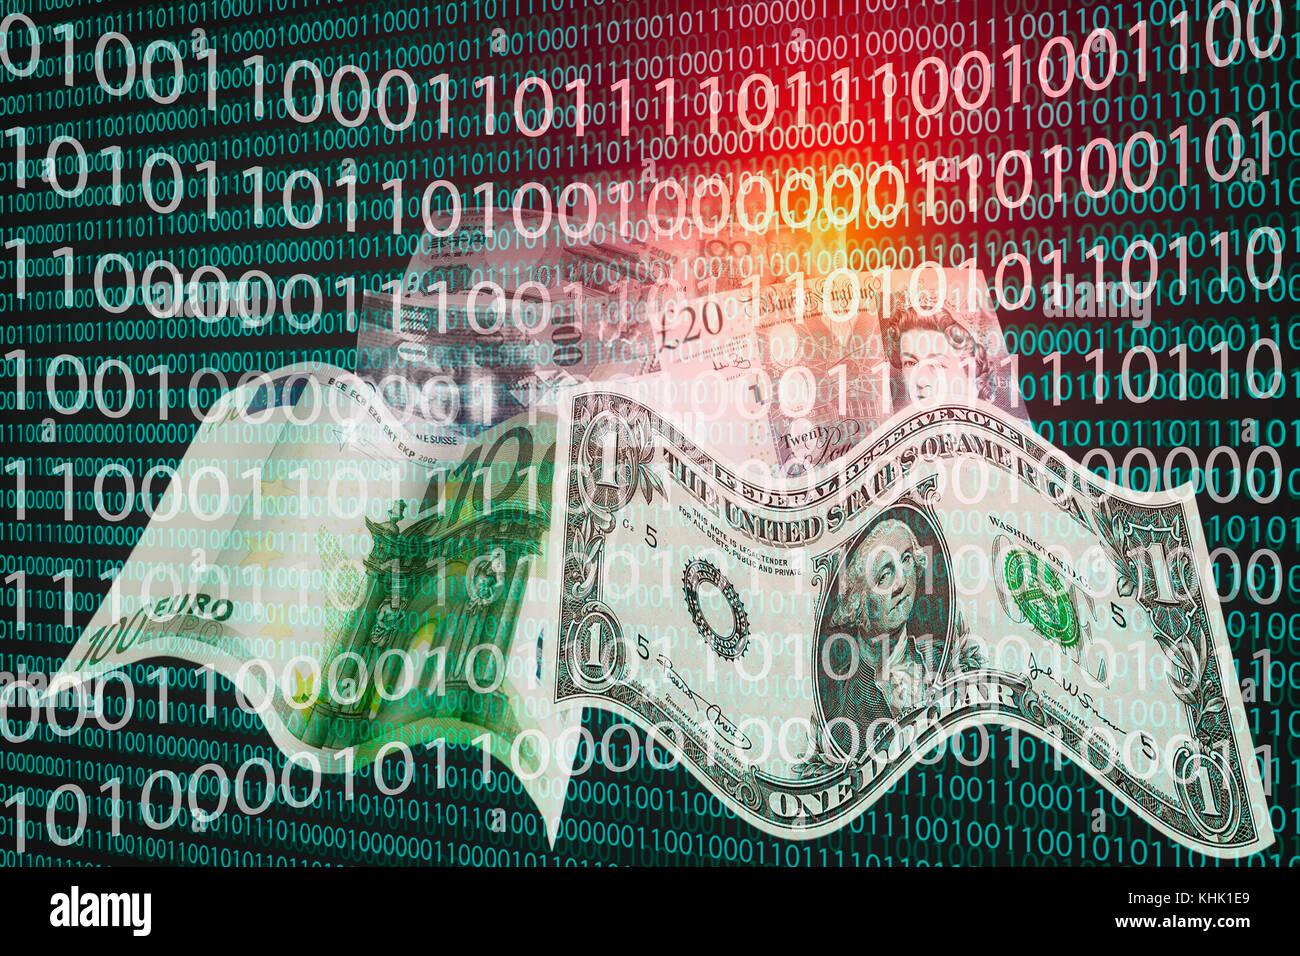 Código binario y billetes de distintas monedas simbolizando cryptocurrencies como un nuevo medio de pago Foto de stock